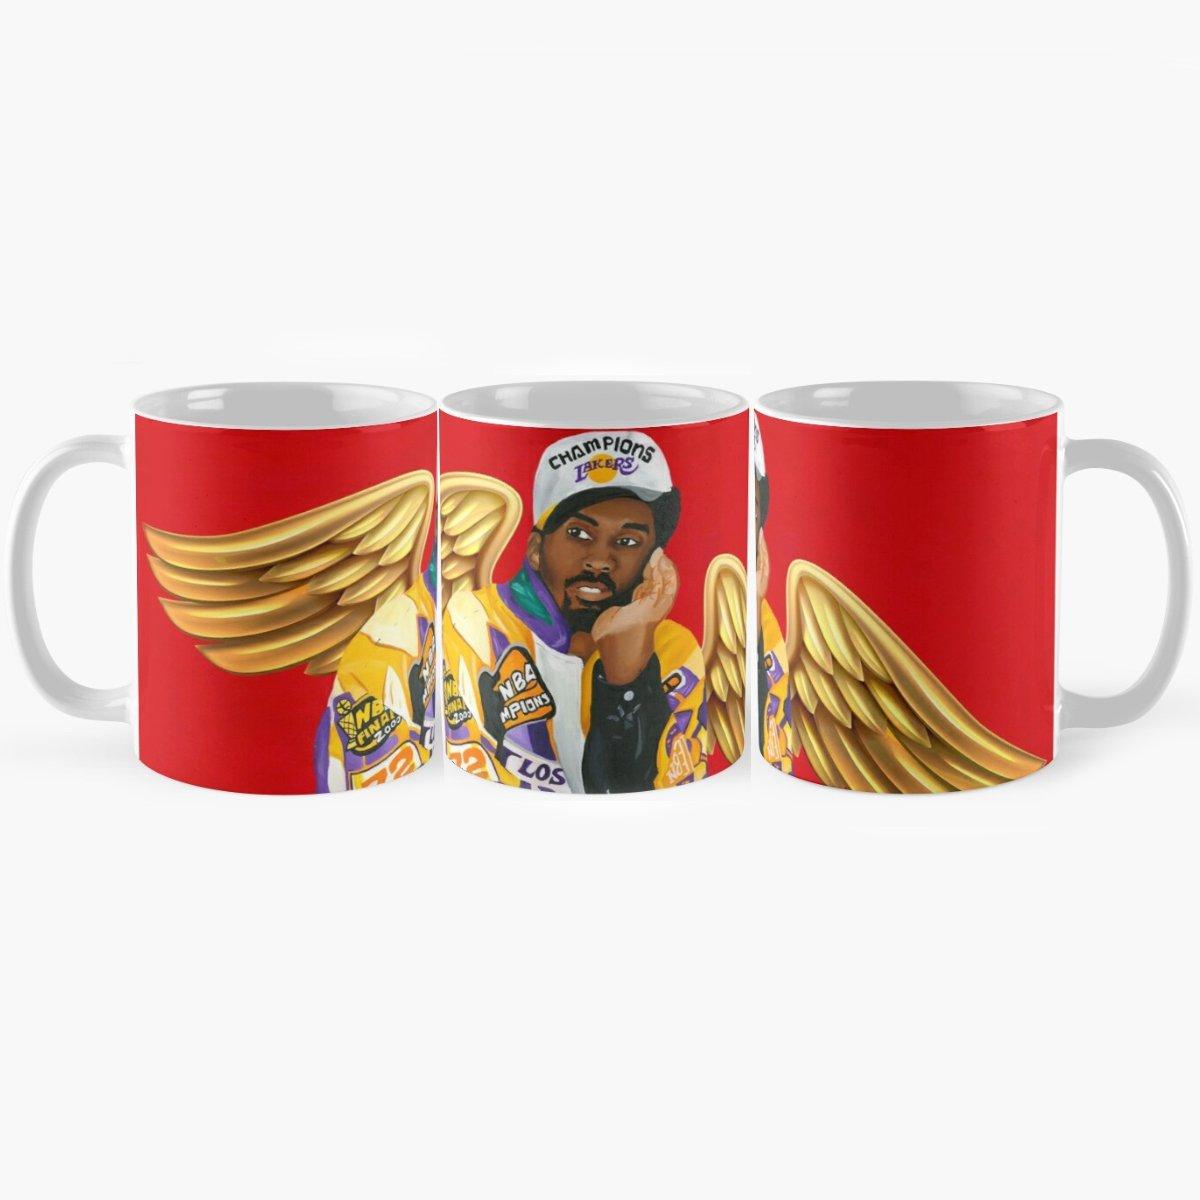 Image of Mamba Out (Mug)